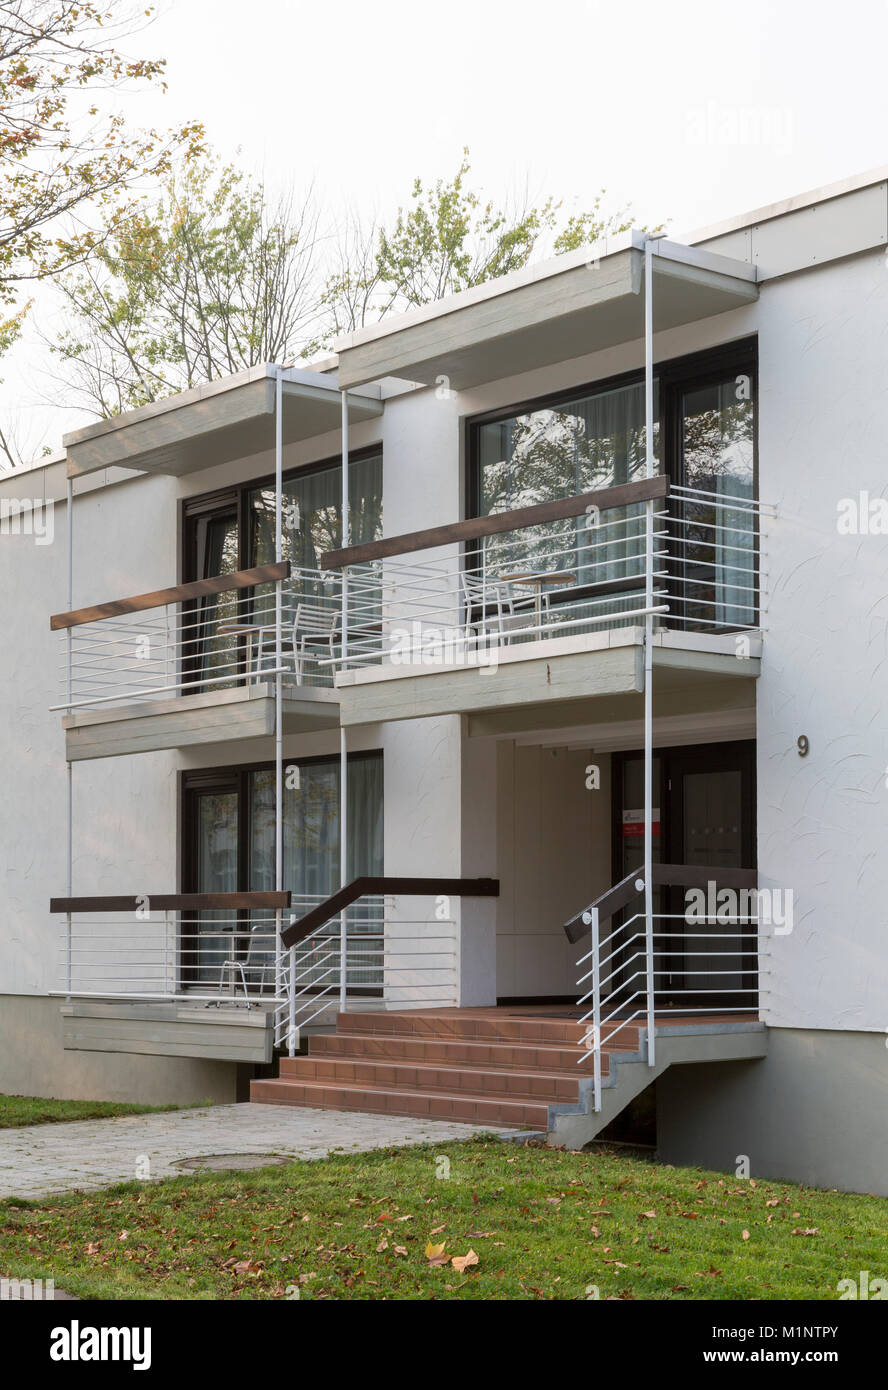 Bonn, Regierungsviertel (Bundesviertel, Parlamentsviertel), Abgeordneten-Appartementhäuser, Heussallee 9, 1964/66 - Stock Image